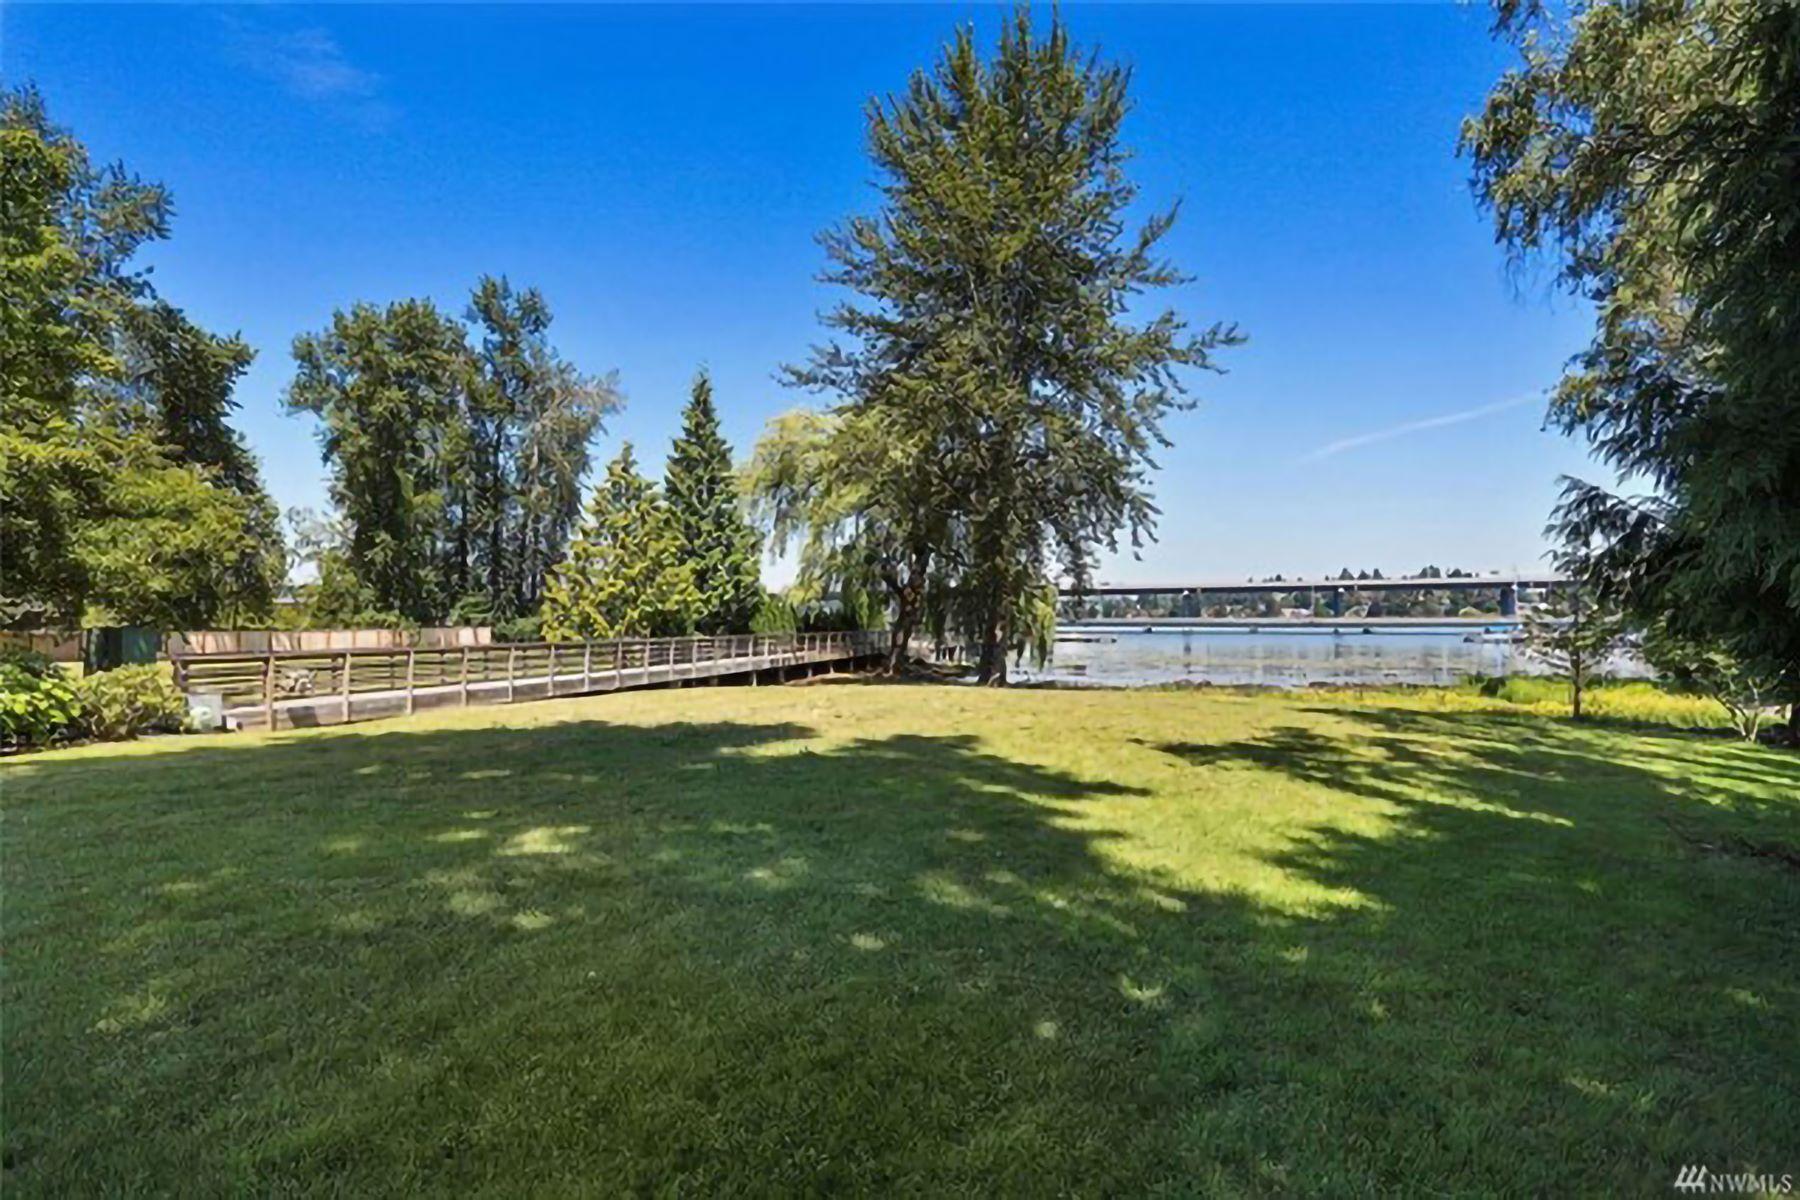 土地,用地 为 销售 在 Incomparable Madison Park 2500 Lot 3 39th Ave E 西雅图, 华盛顿州 98112 美国